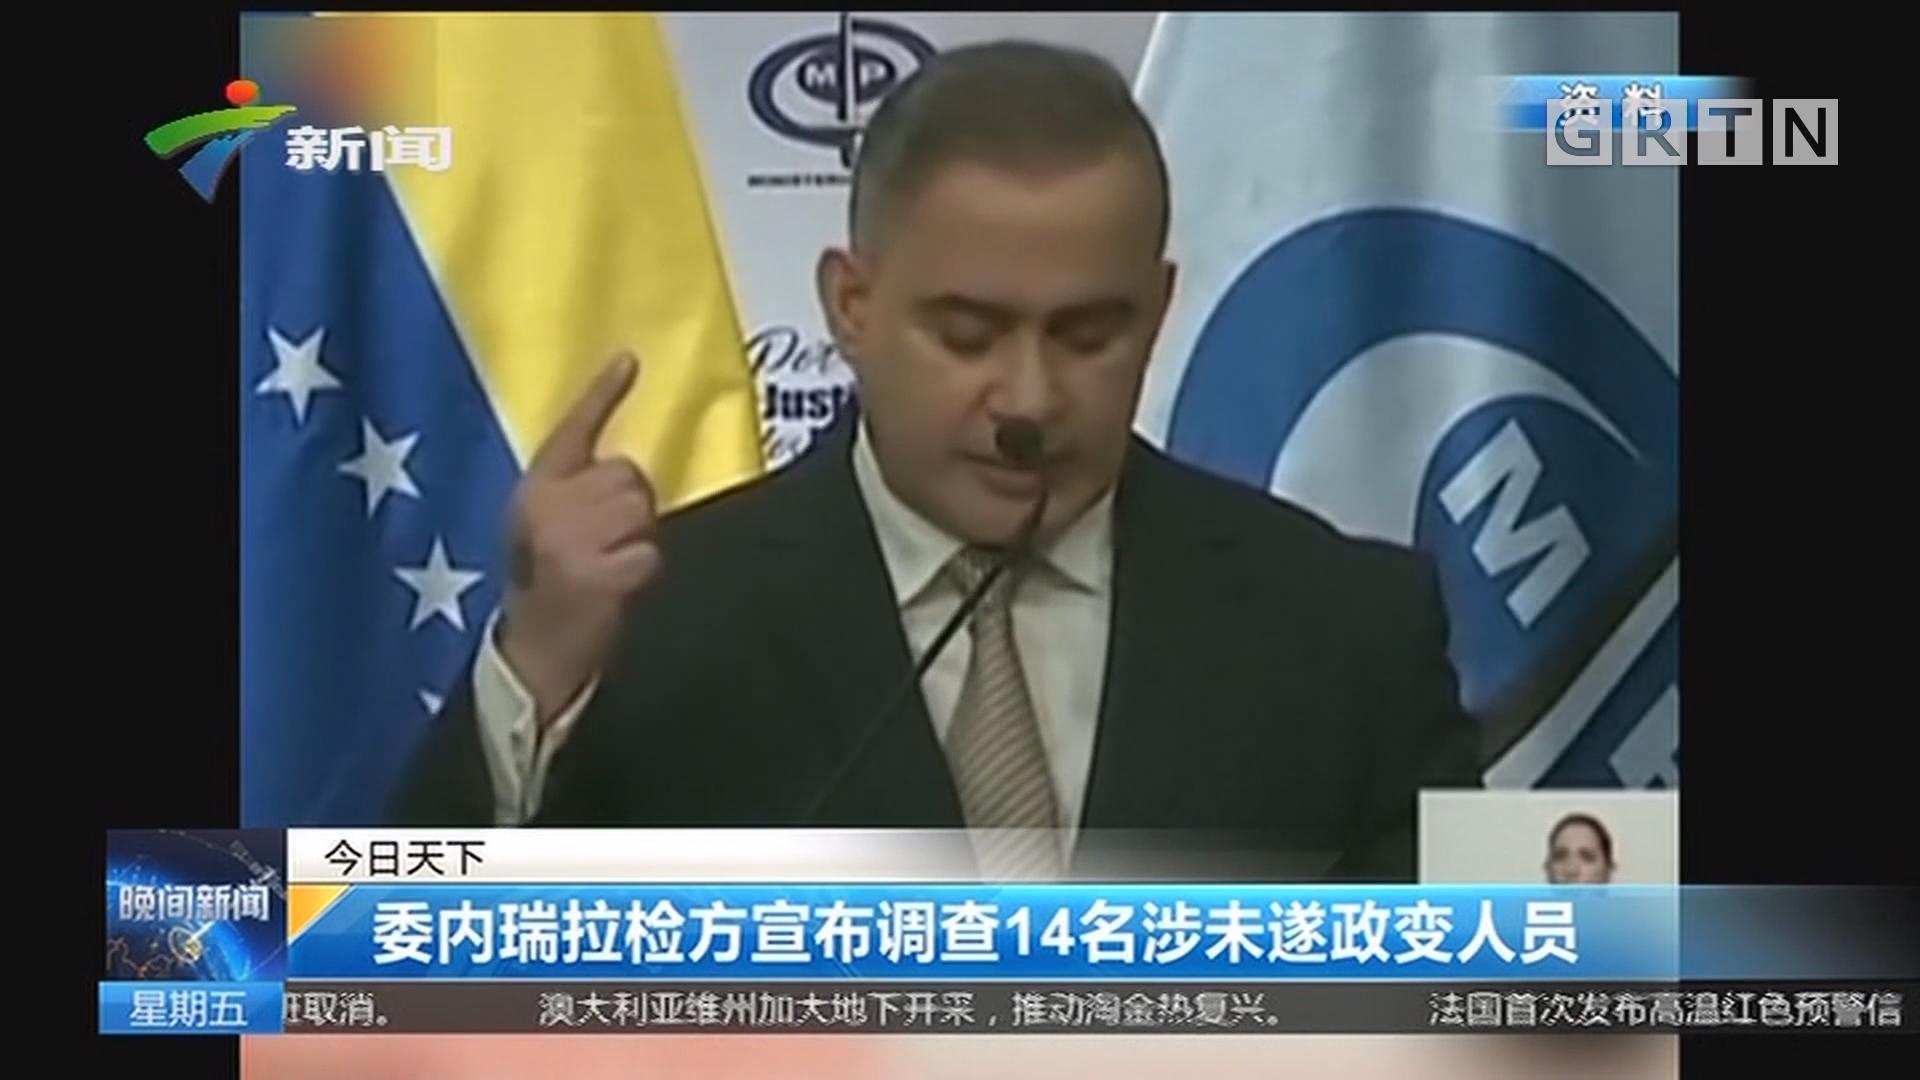 委内瑞拉检方宣布调查14名涉未遂政变人员